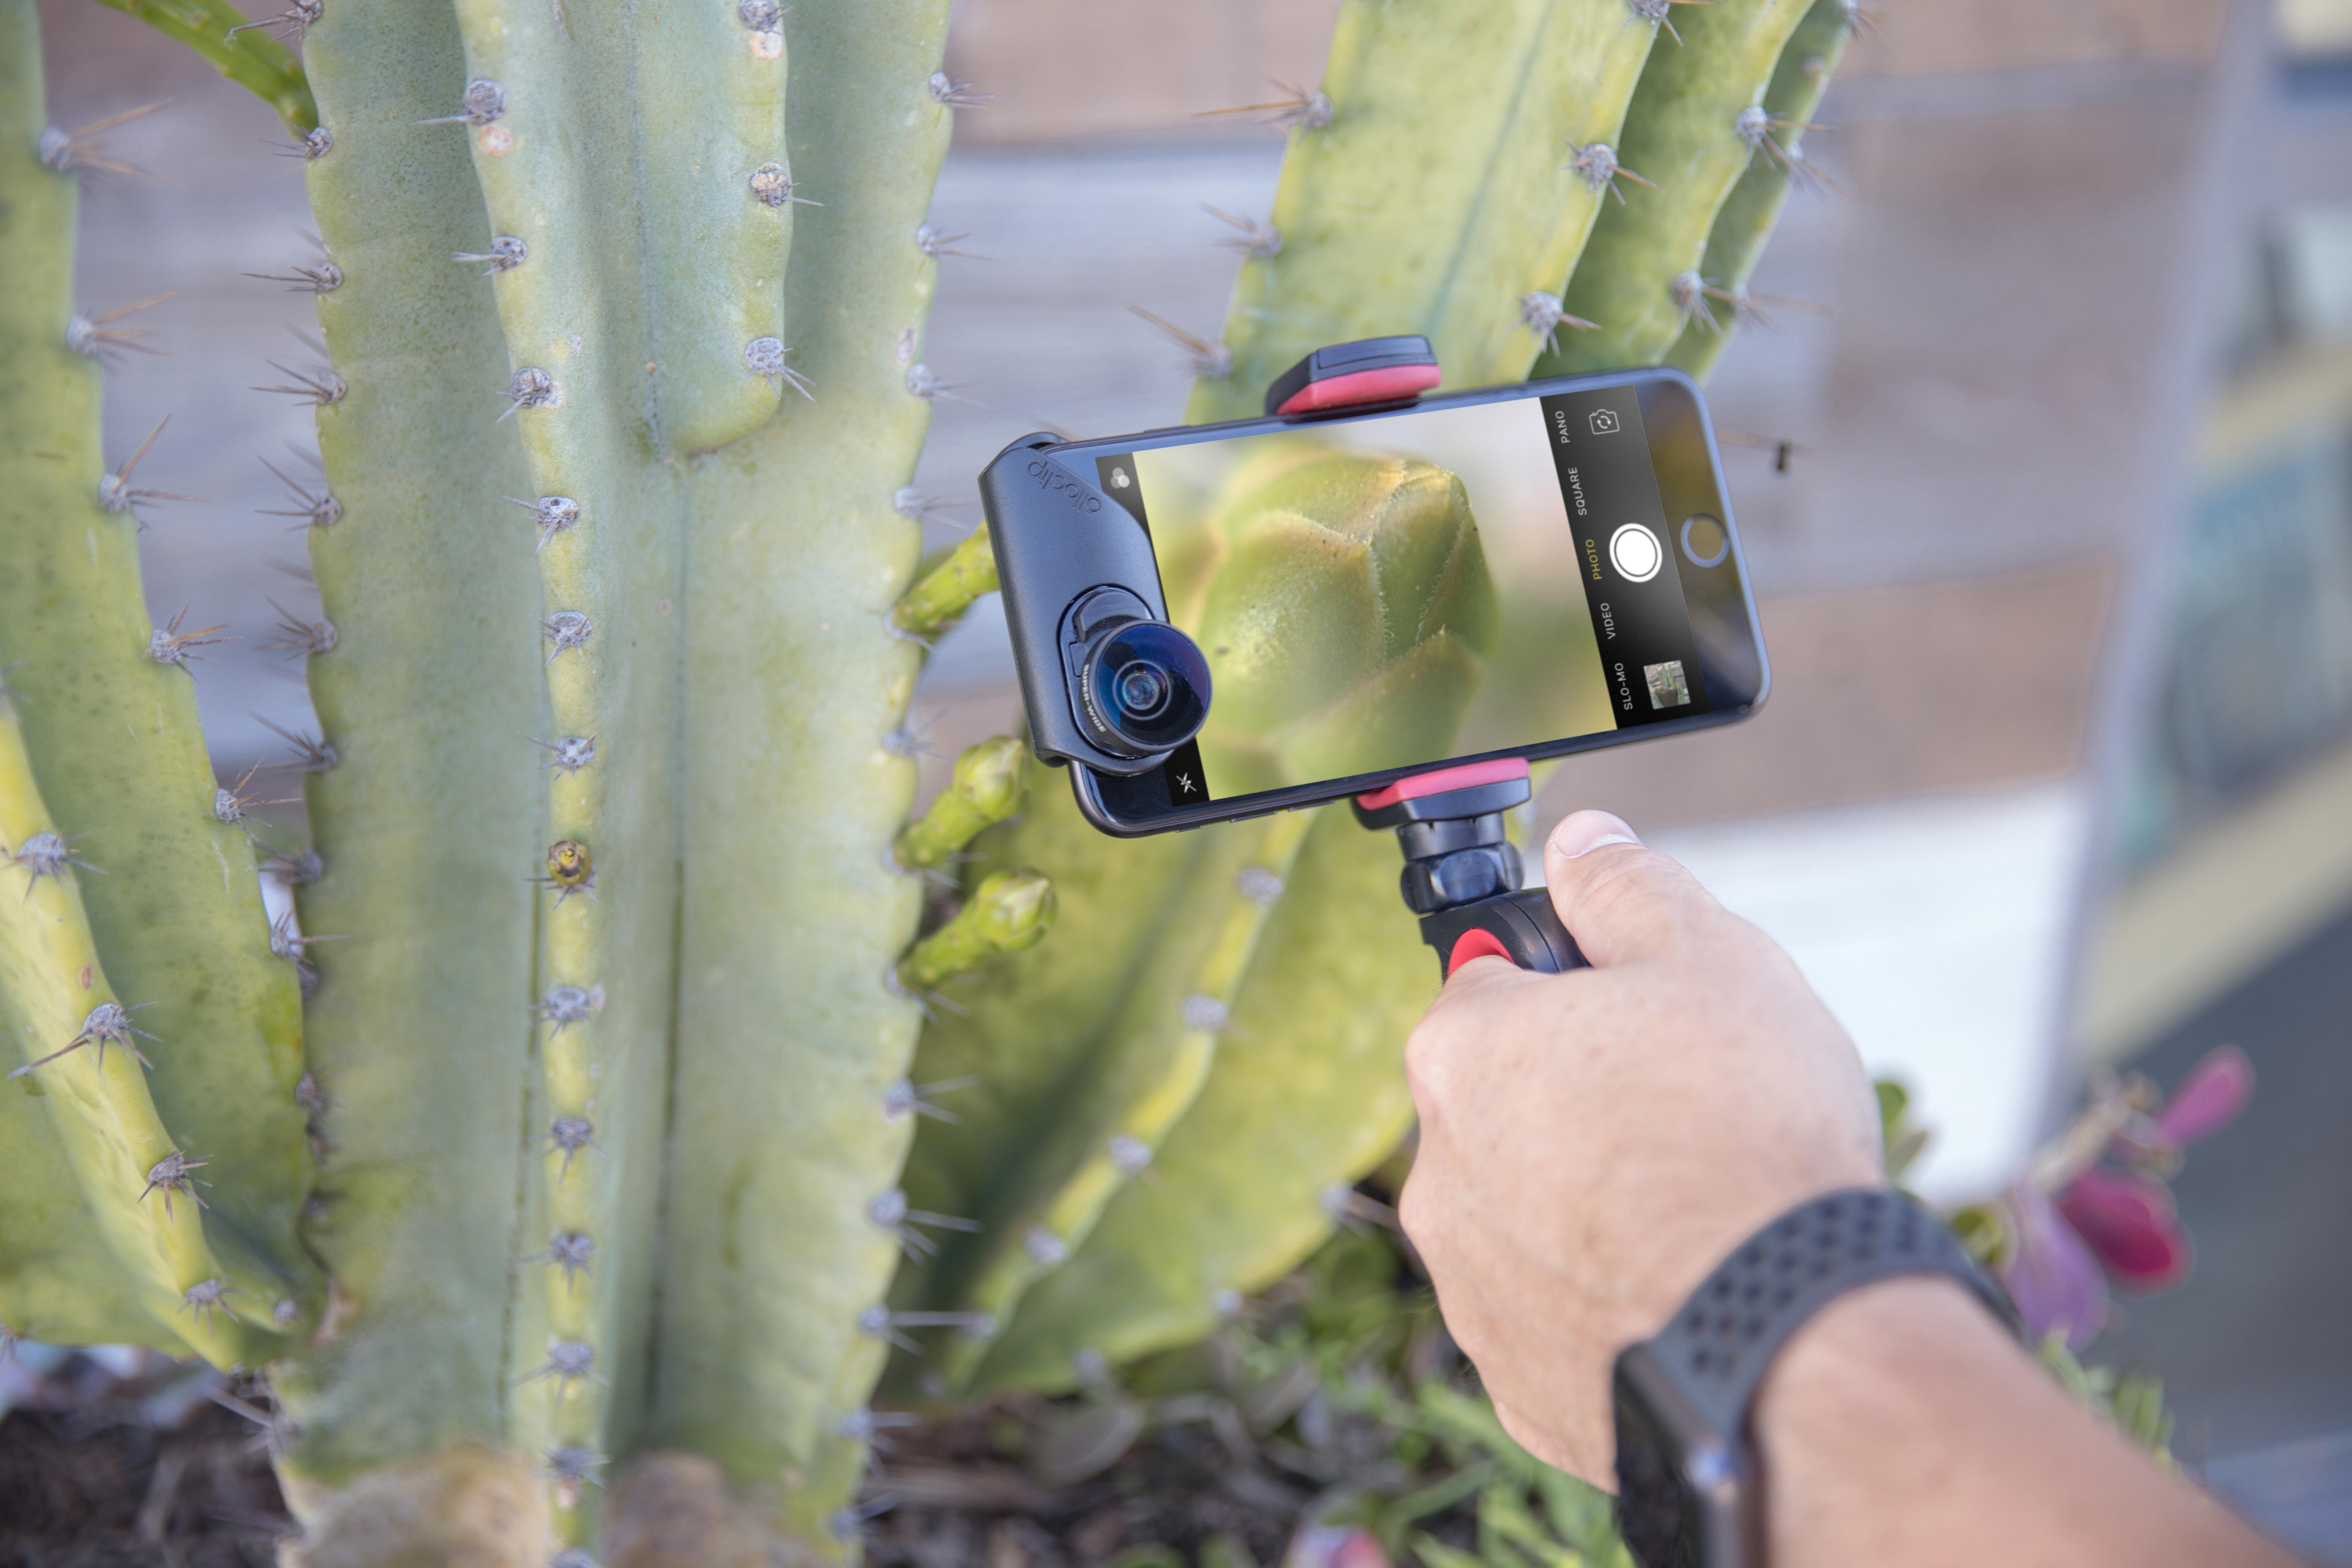 Обзор комплекта Olloclip Filmer's Kit для съемки видео на iPhone.